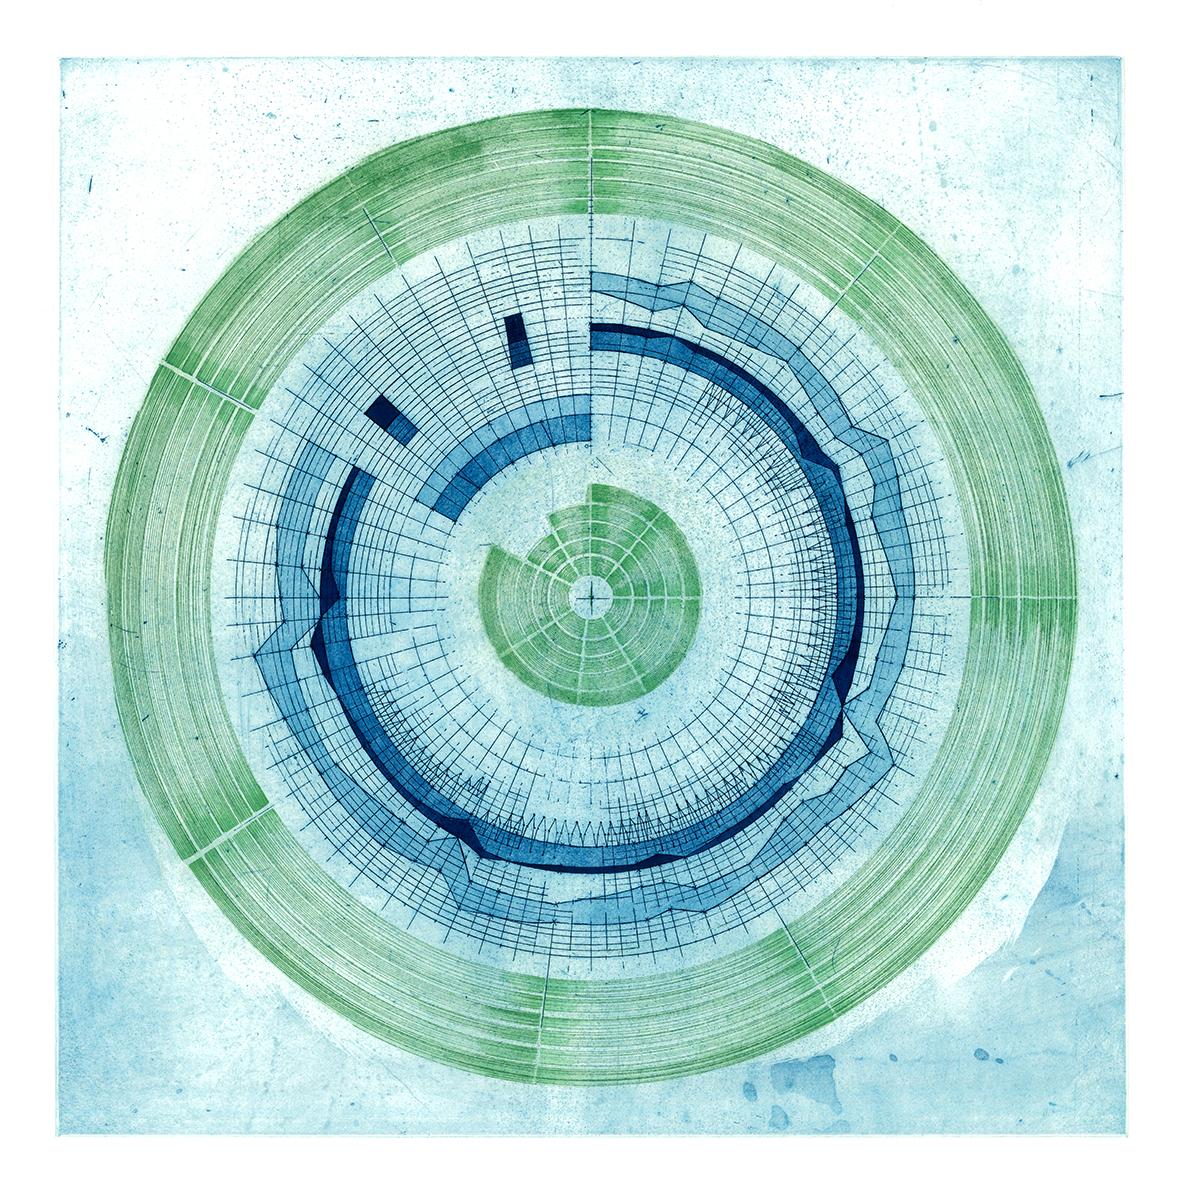 'Circular Score #4' Liz K. Miller Etching, 50 X 50 cm, 2017